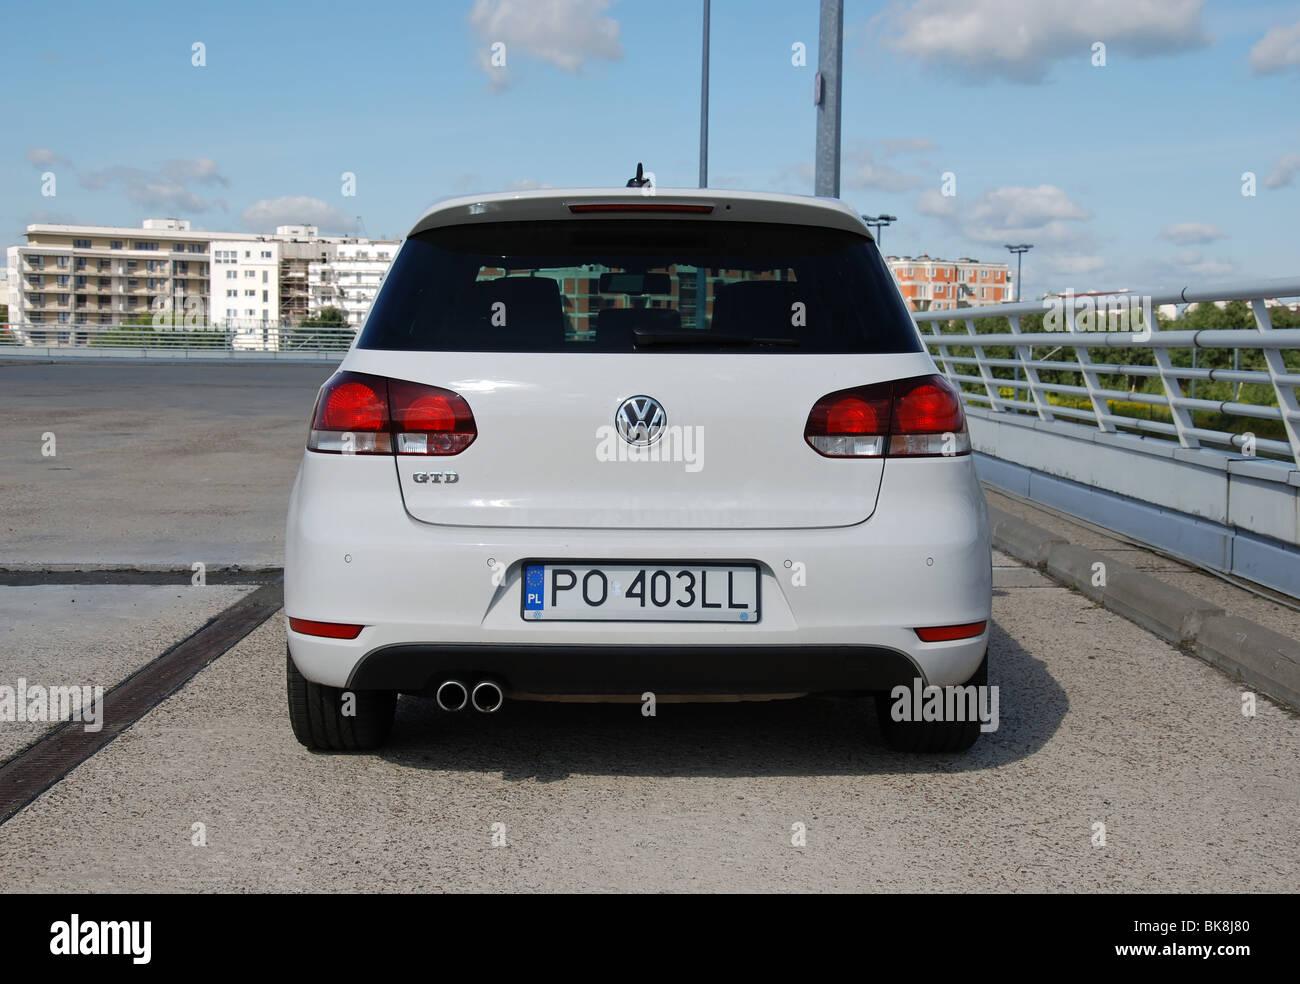 Volkswagen Golf VI GTD - 2009 - white - five doors (5D